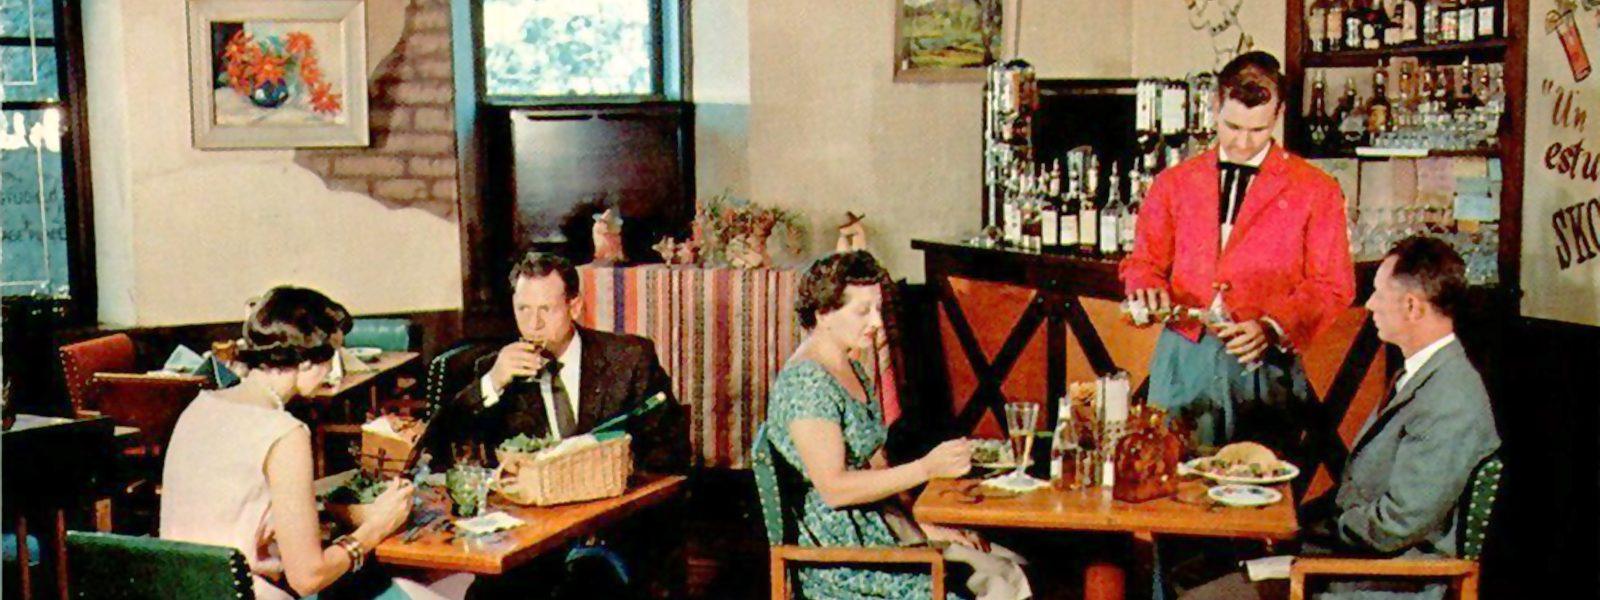 Manuel's Restaurante